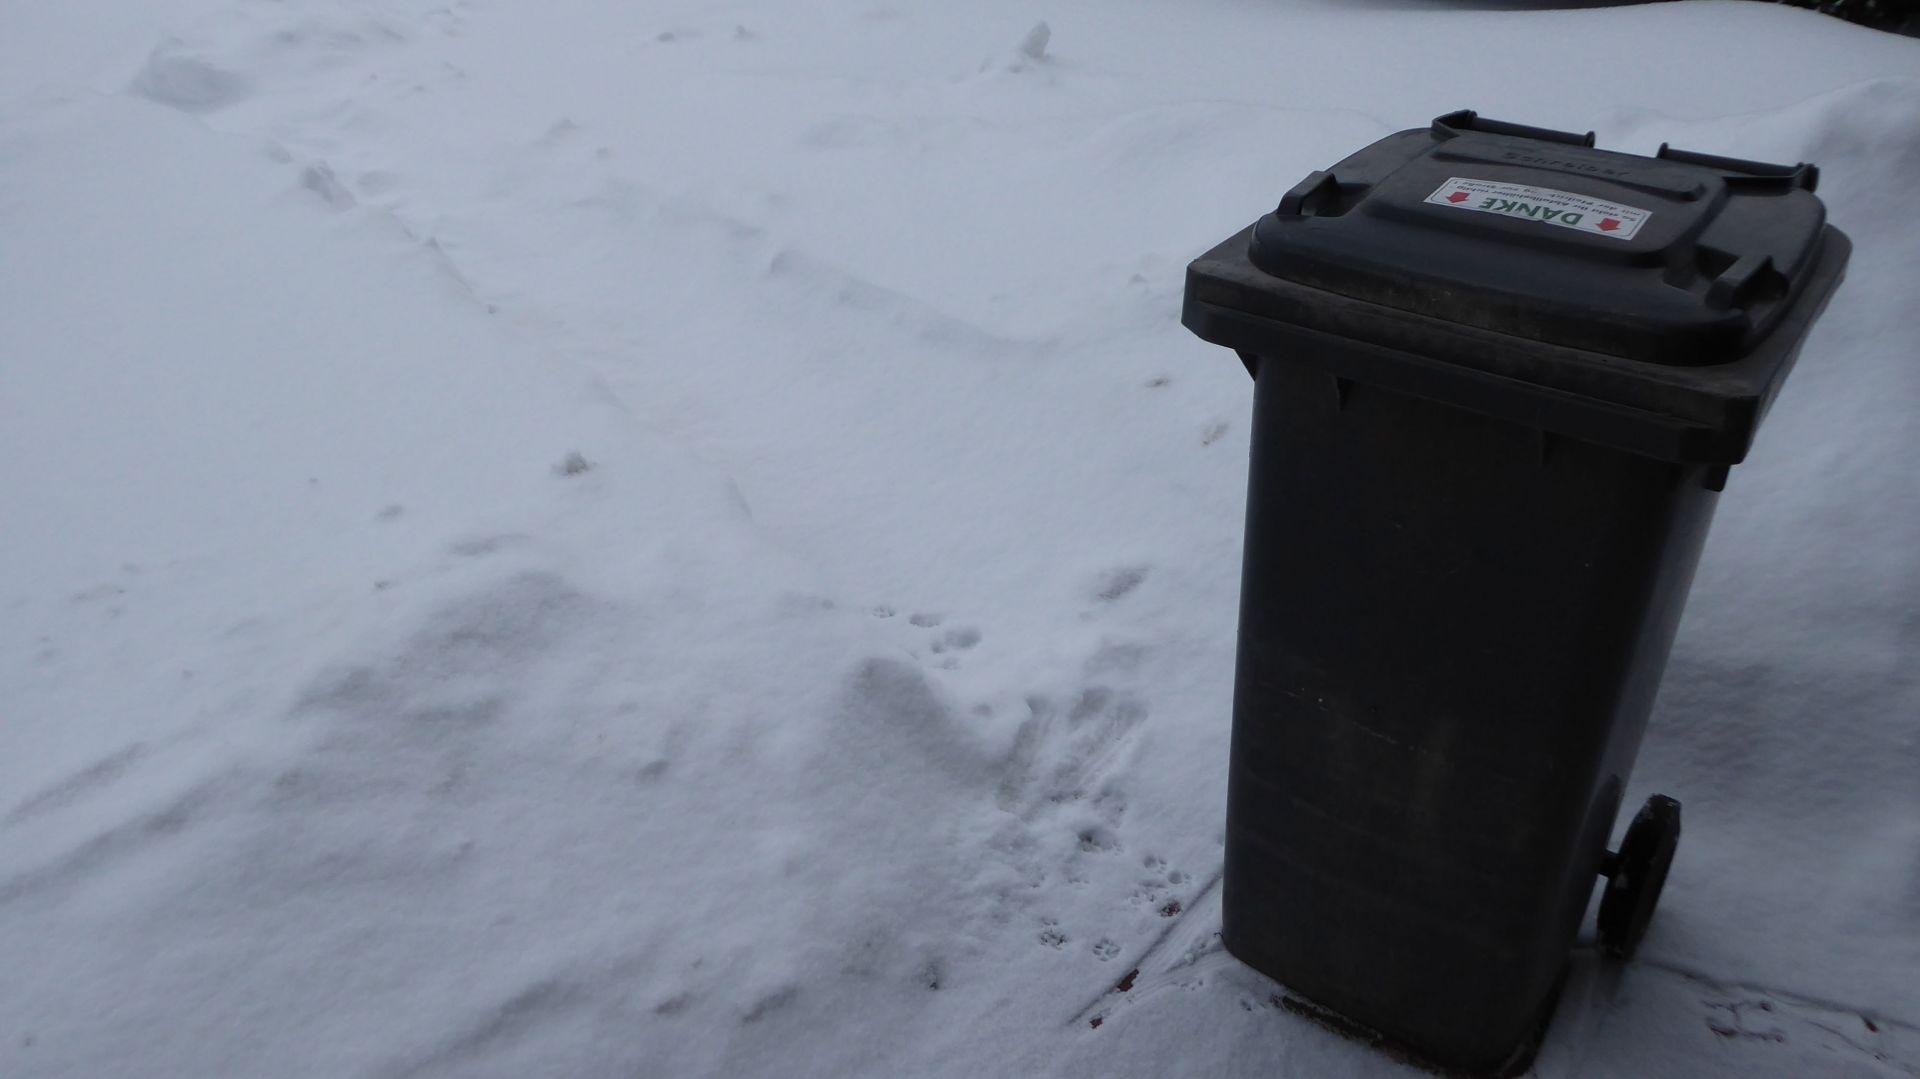 Restmülltonne im Schnee.